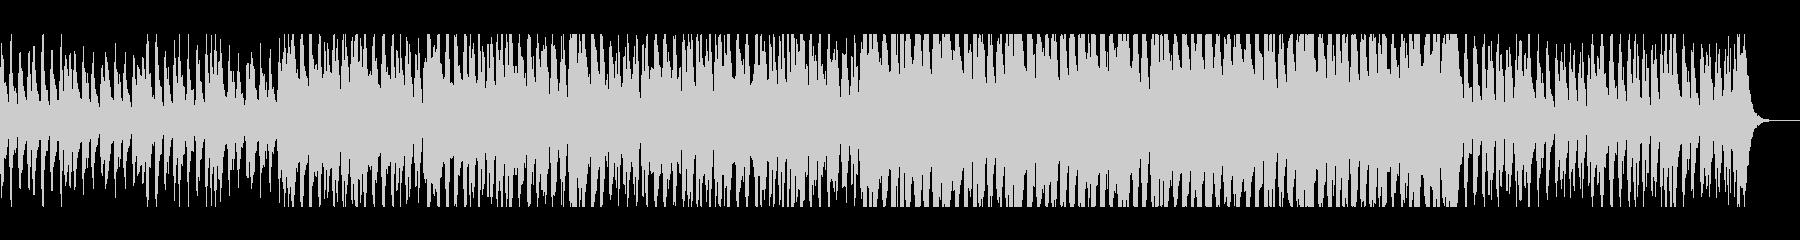 コールドプレイ風爽やかなバイオリンポップの未再生の波形